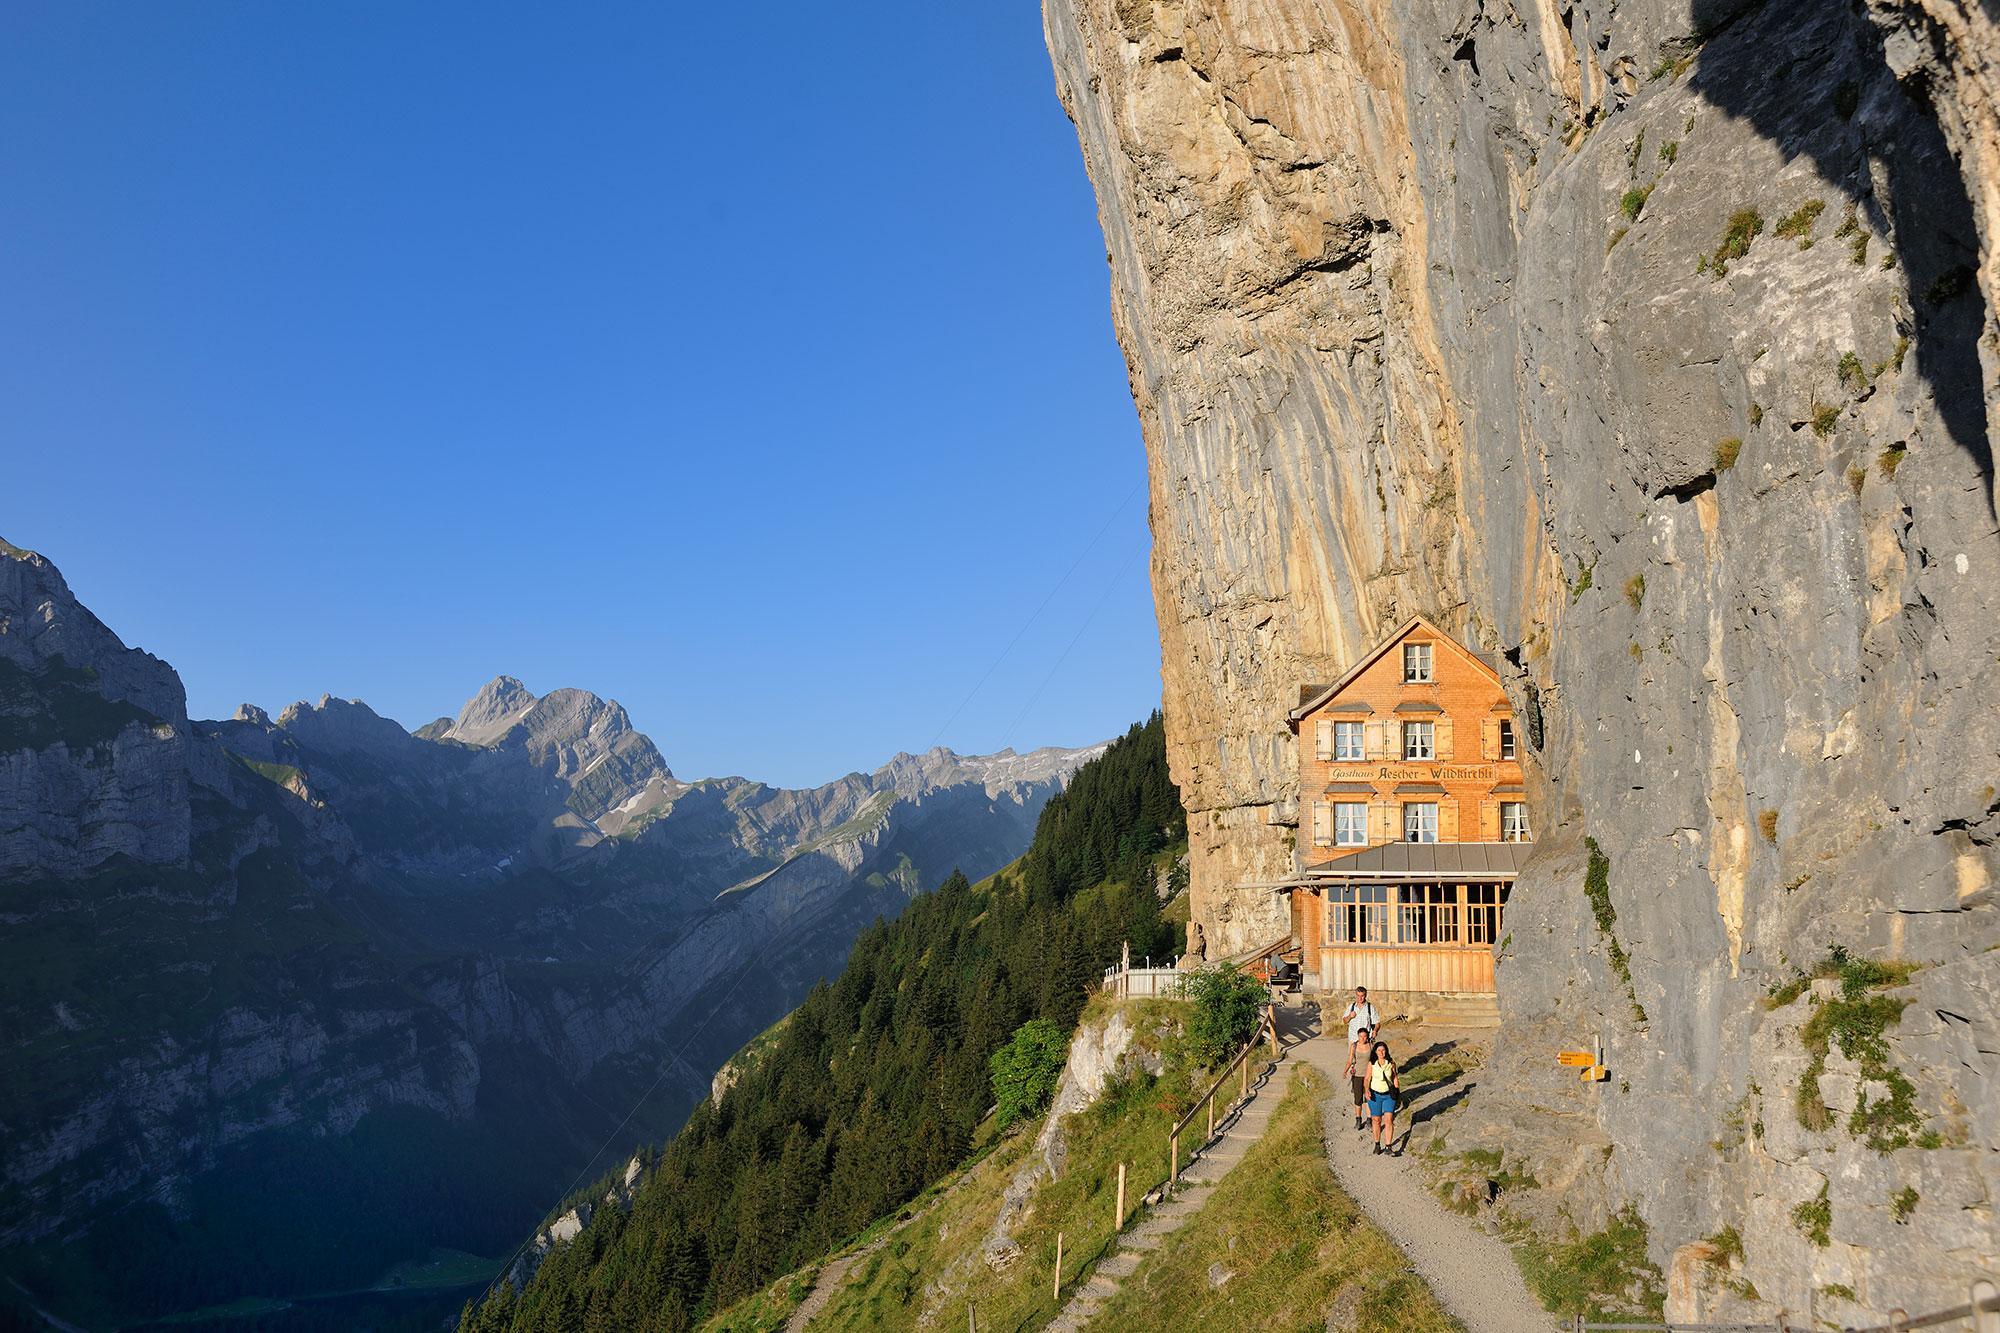 Berggasthaus Aescher Wildkirchli: Appenzellerland Tourismus